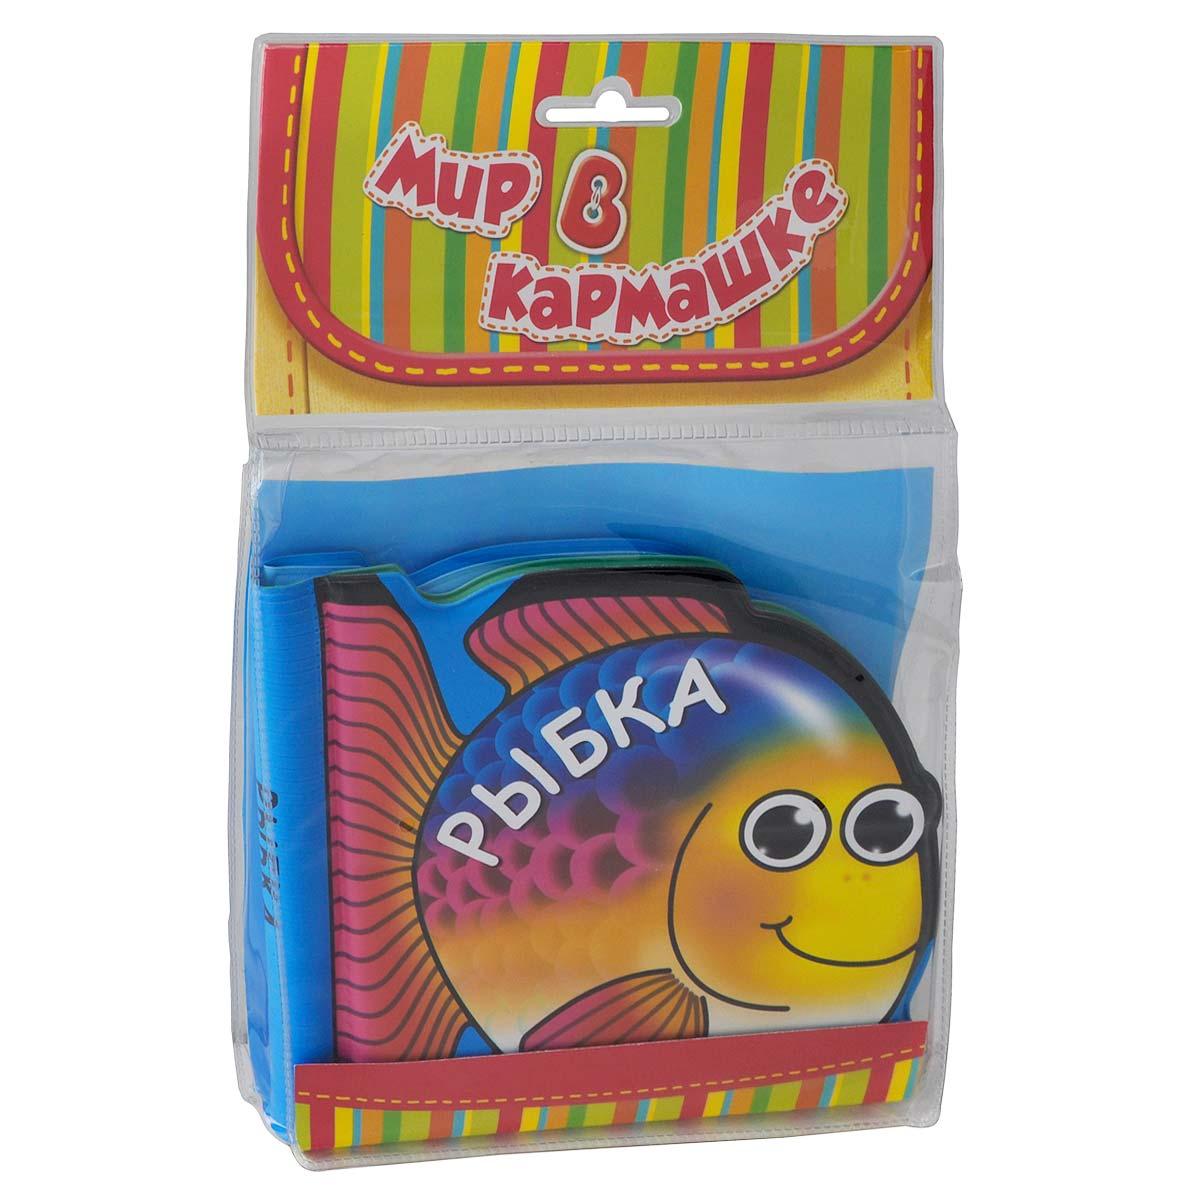 Рыбка. Книжка-игрушка12296407Книжка-игрушка для ванной выполнена из специального водонепроницаемого прочного материала, приятного на ощупь. Теперь вам не нужно специально выделять время на книжки - она станет приятным сопровождением ежедневных забот о малыше: с ней можно купаться, есть и засыпать! Разработанные с участием компетентных педагогов и детских психологов, наши книжки-игрушки станут незаменимыми помощниками в развитии малыша. Яркие картинки, веселые тексты, приятные на ощупь материалы принесут радость и удовольствие, а также будут развивать мышление, внимание, мелкую моторику и речевые навыки.